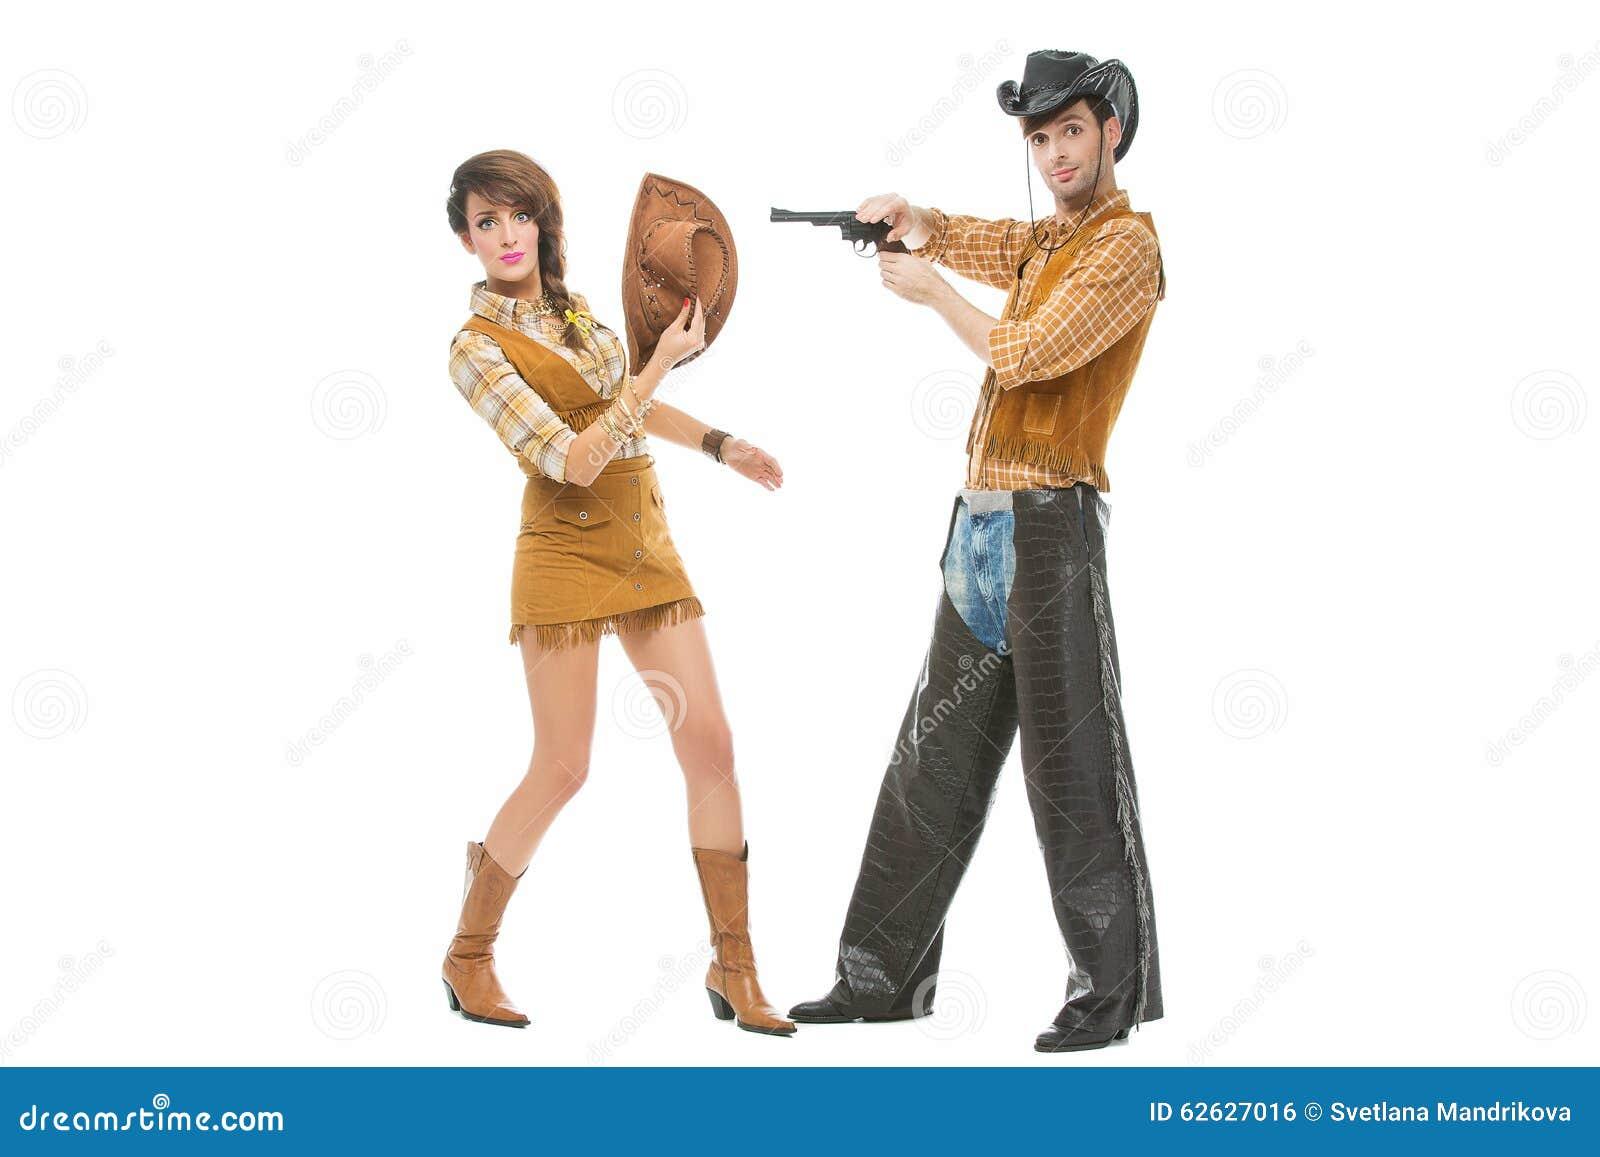 Men Who Like Young Women